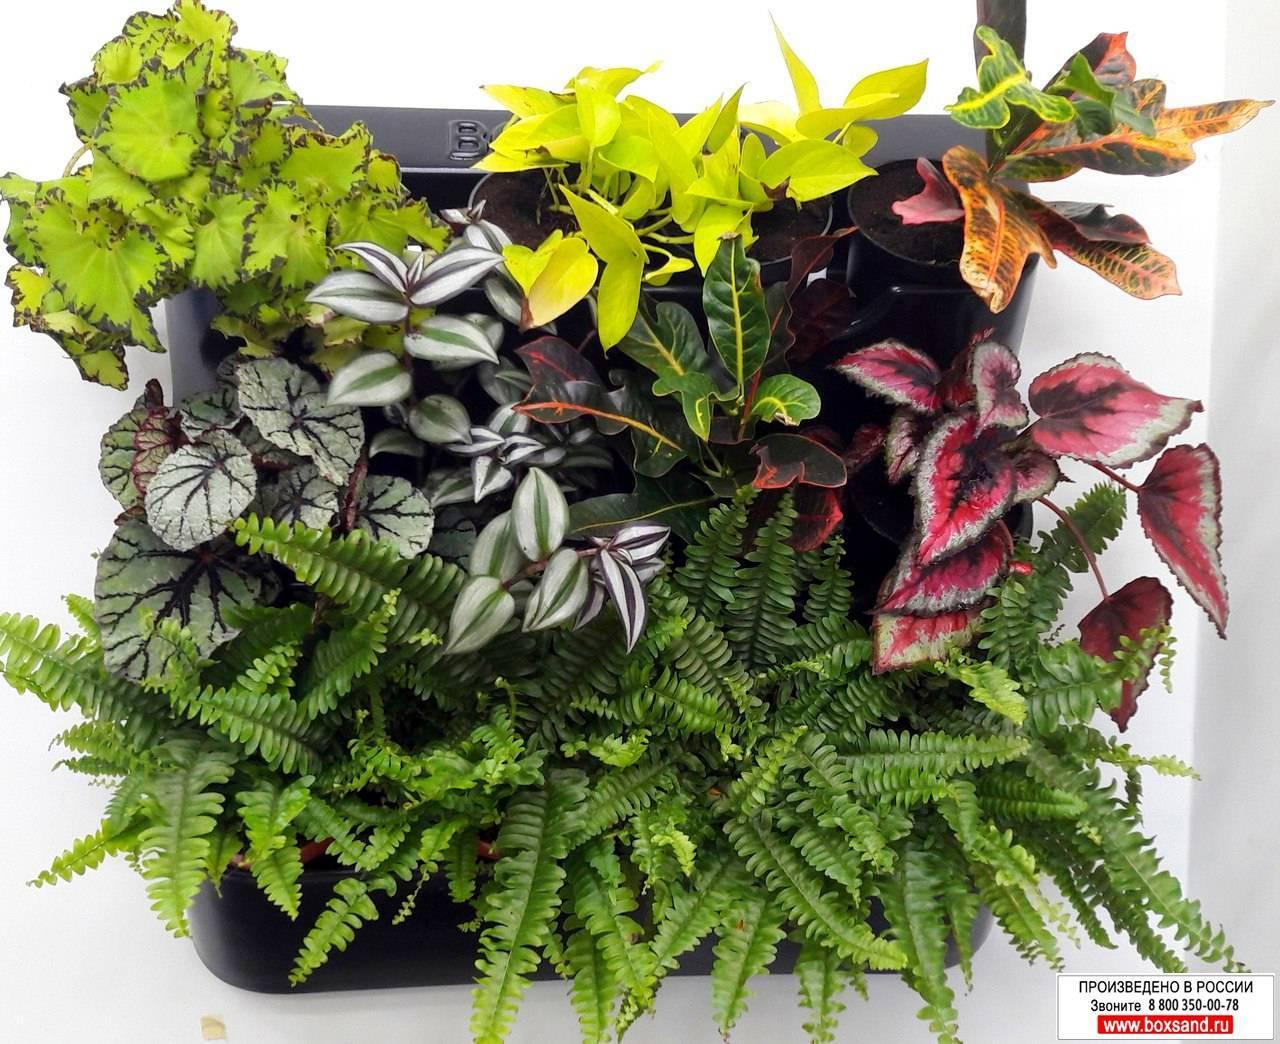 Прекрасные декоративно-лиственные комнатные растения: фото и названия